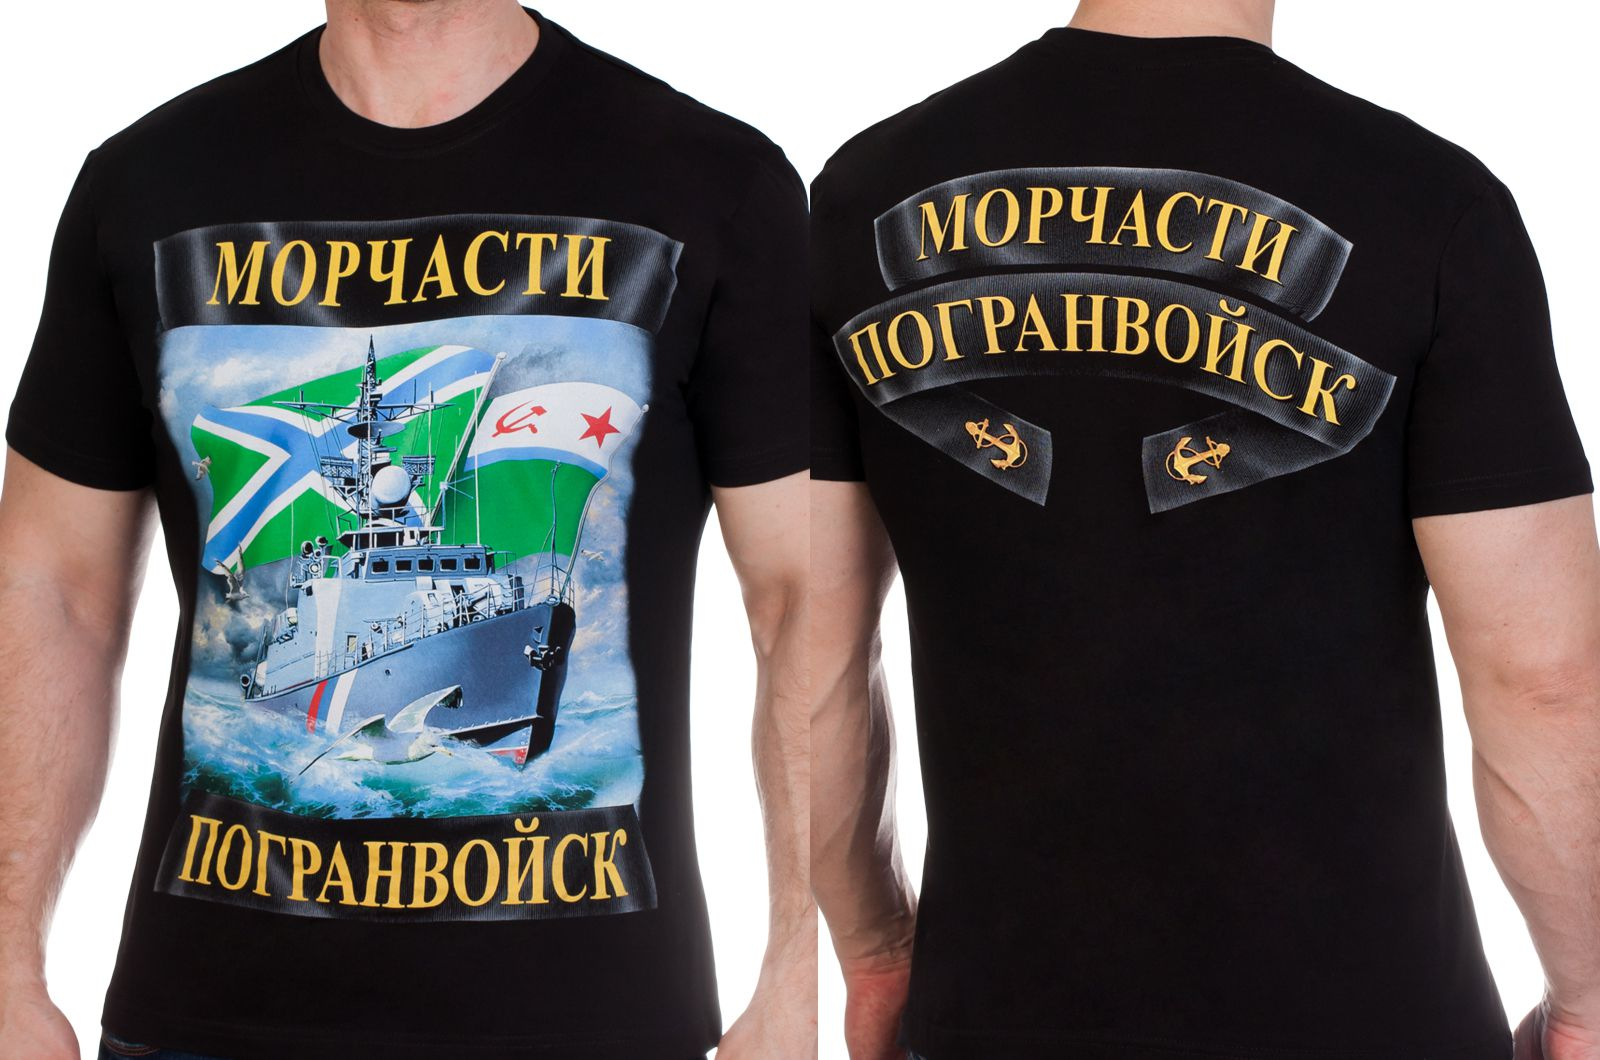 Заказать футболки МЧПВ